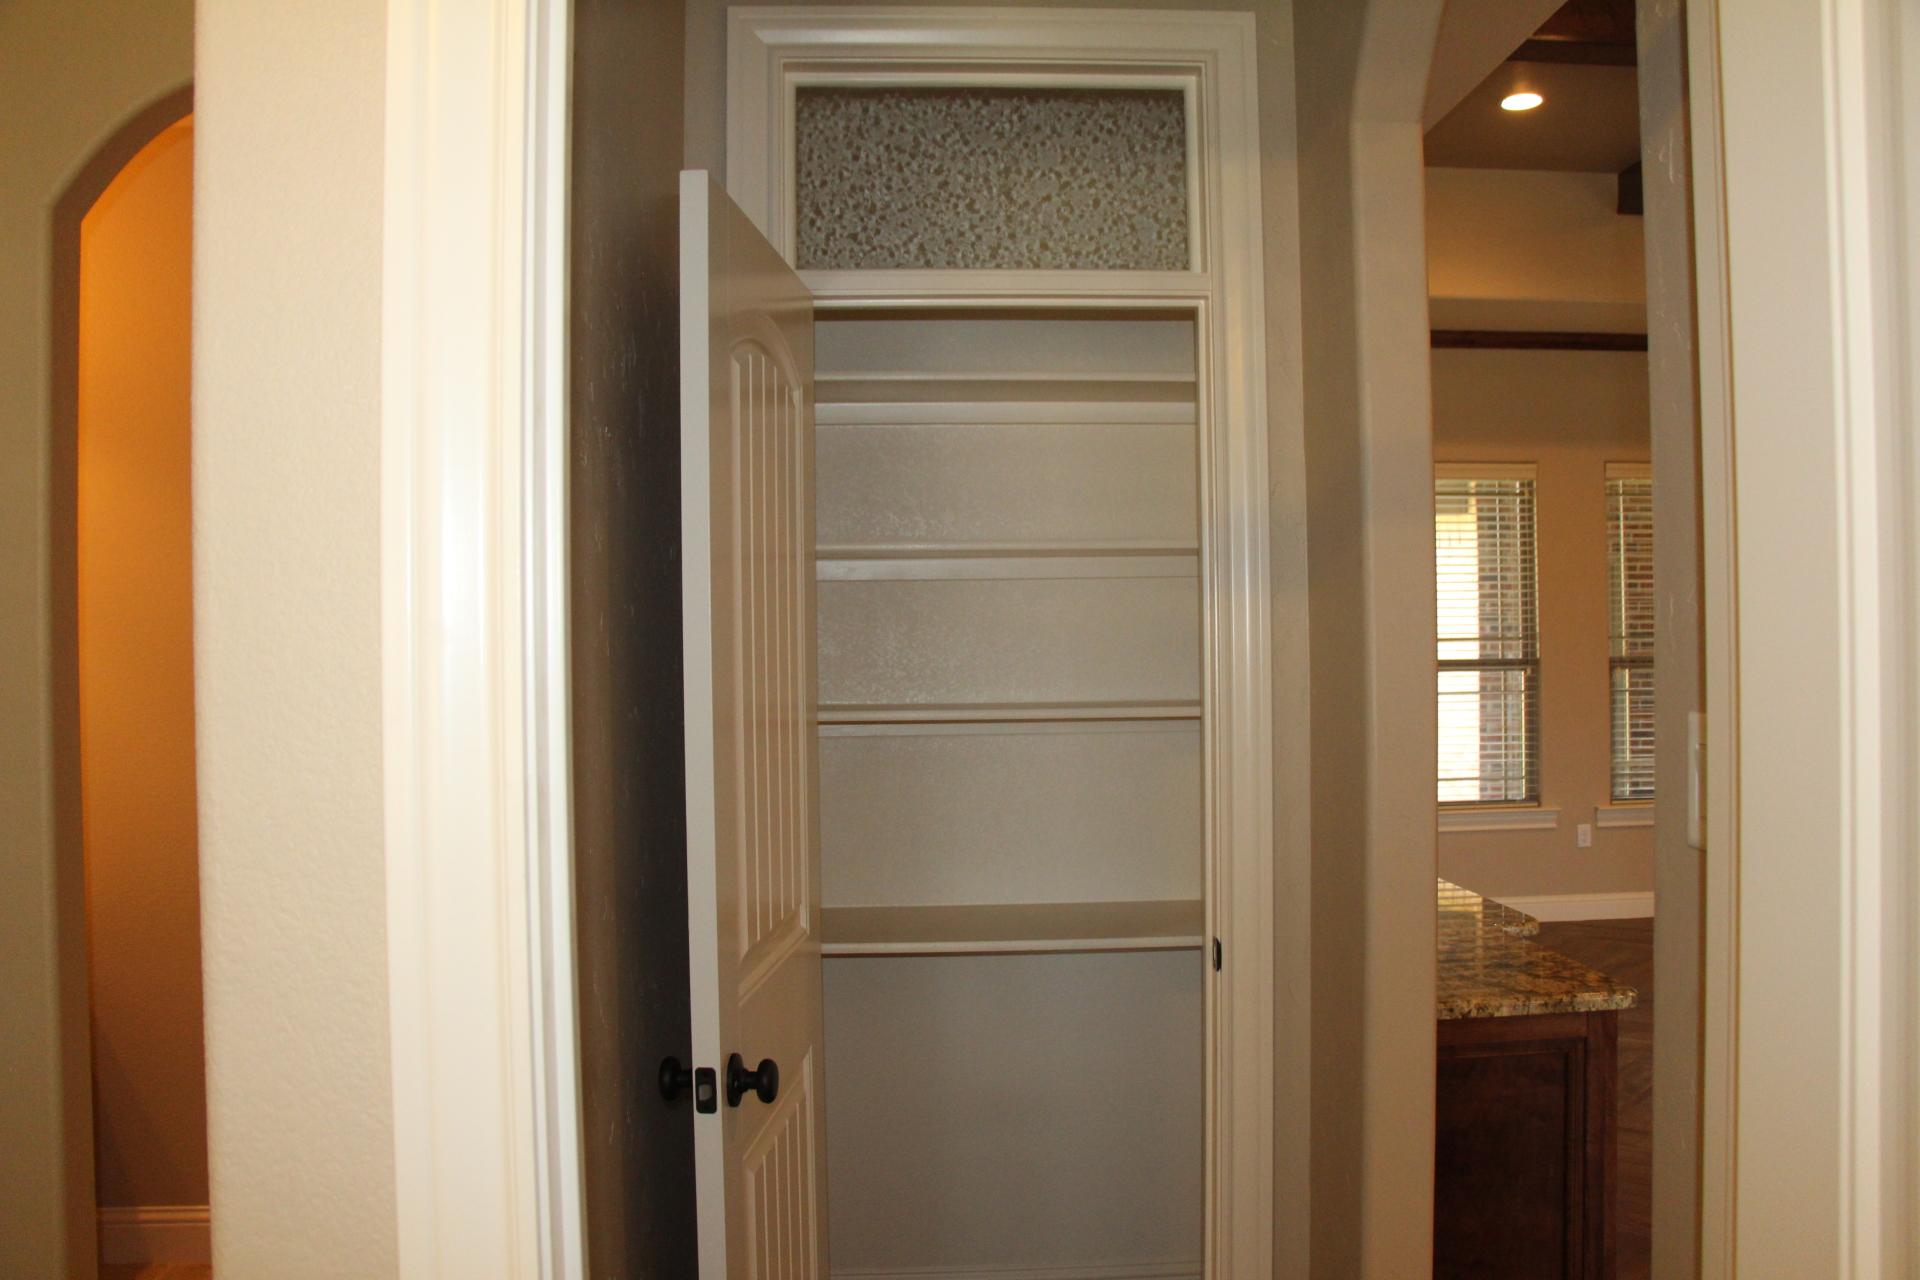 Storage Closet in hallway